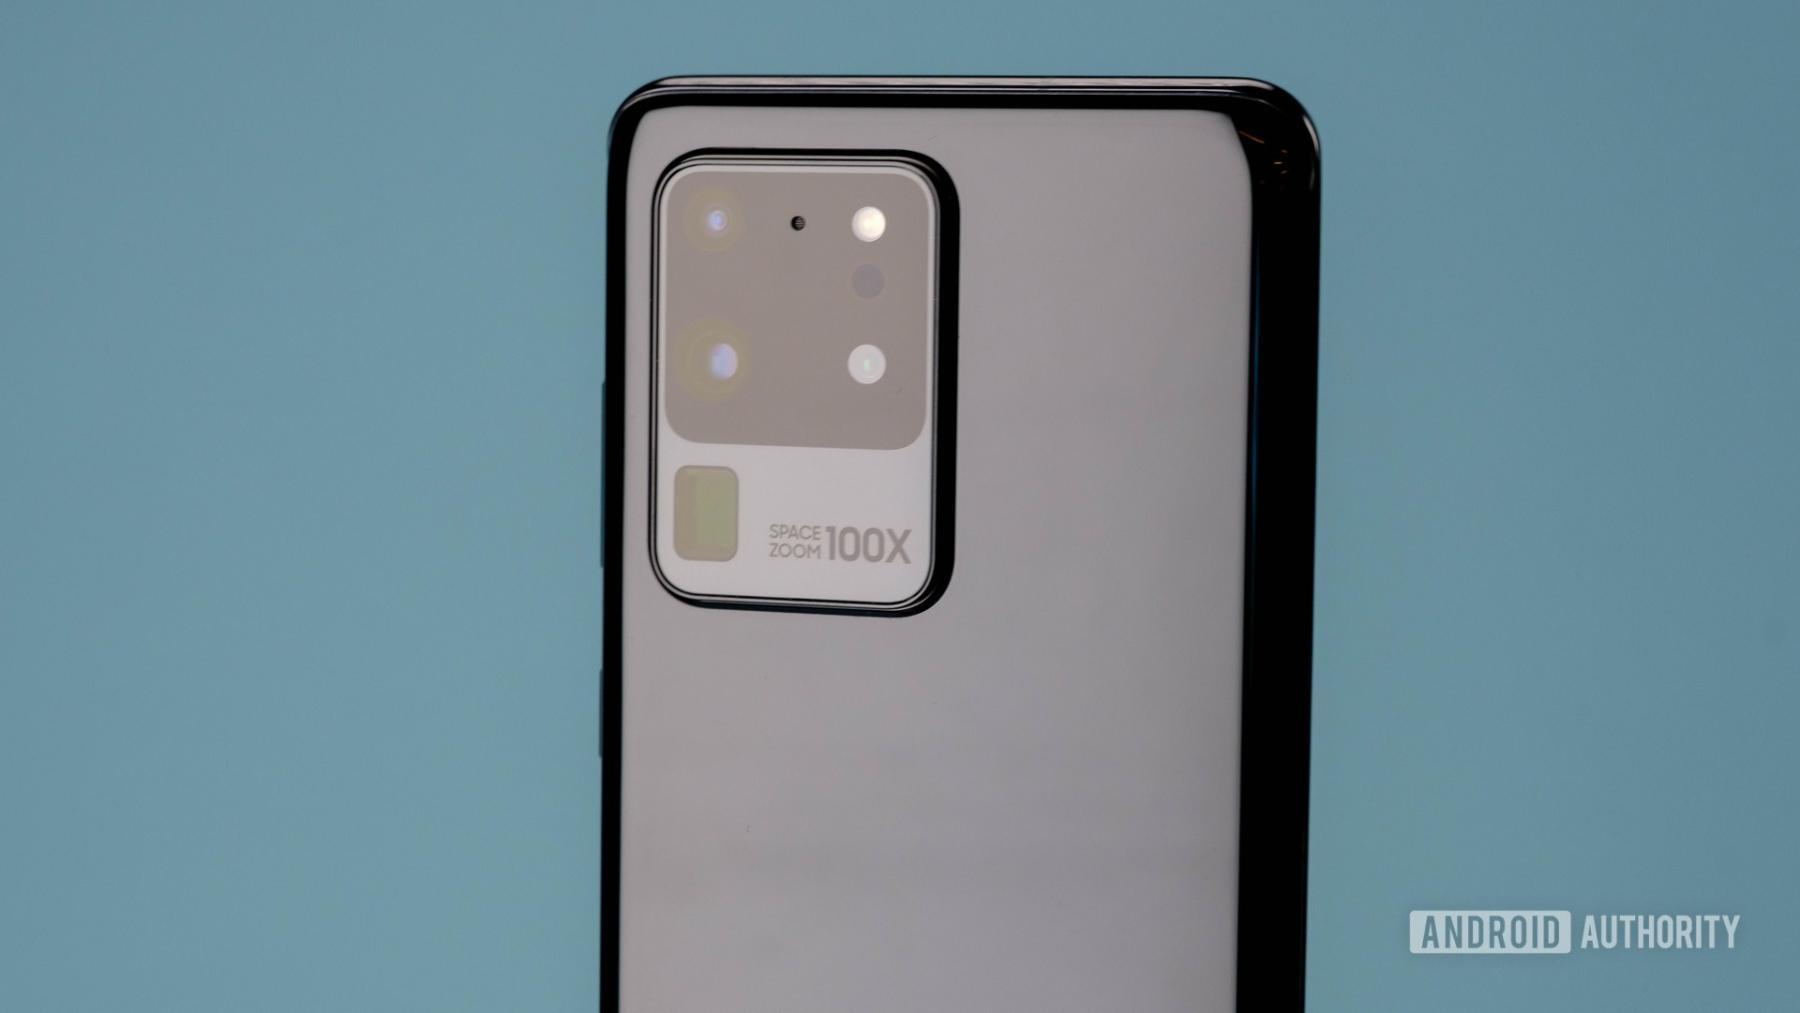 وحدة-الكاميرا-الخلفية-متعددة-العدسات-في-شكل-مربع-جانبي